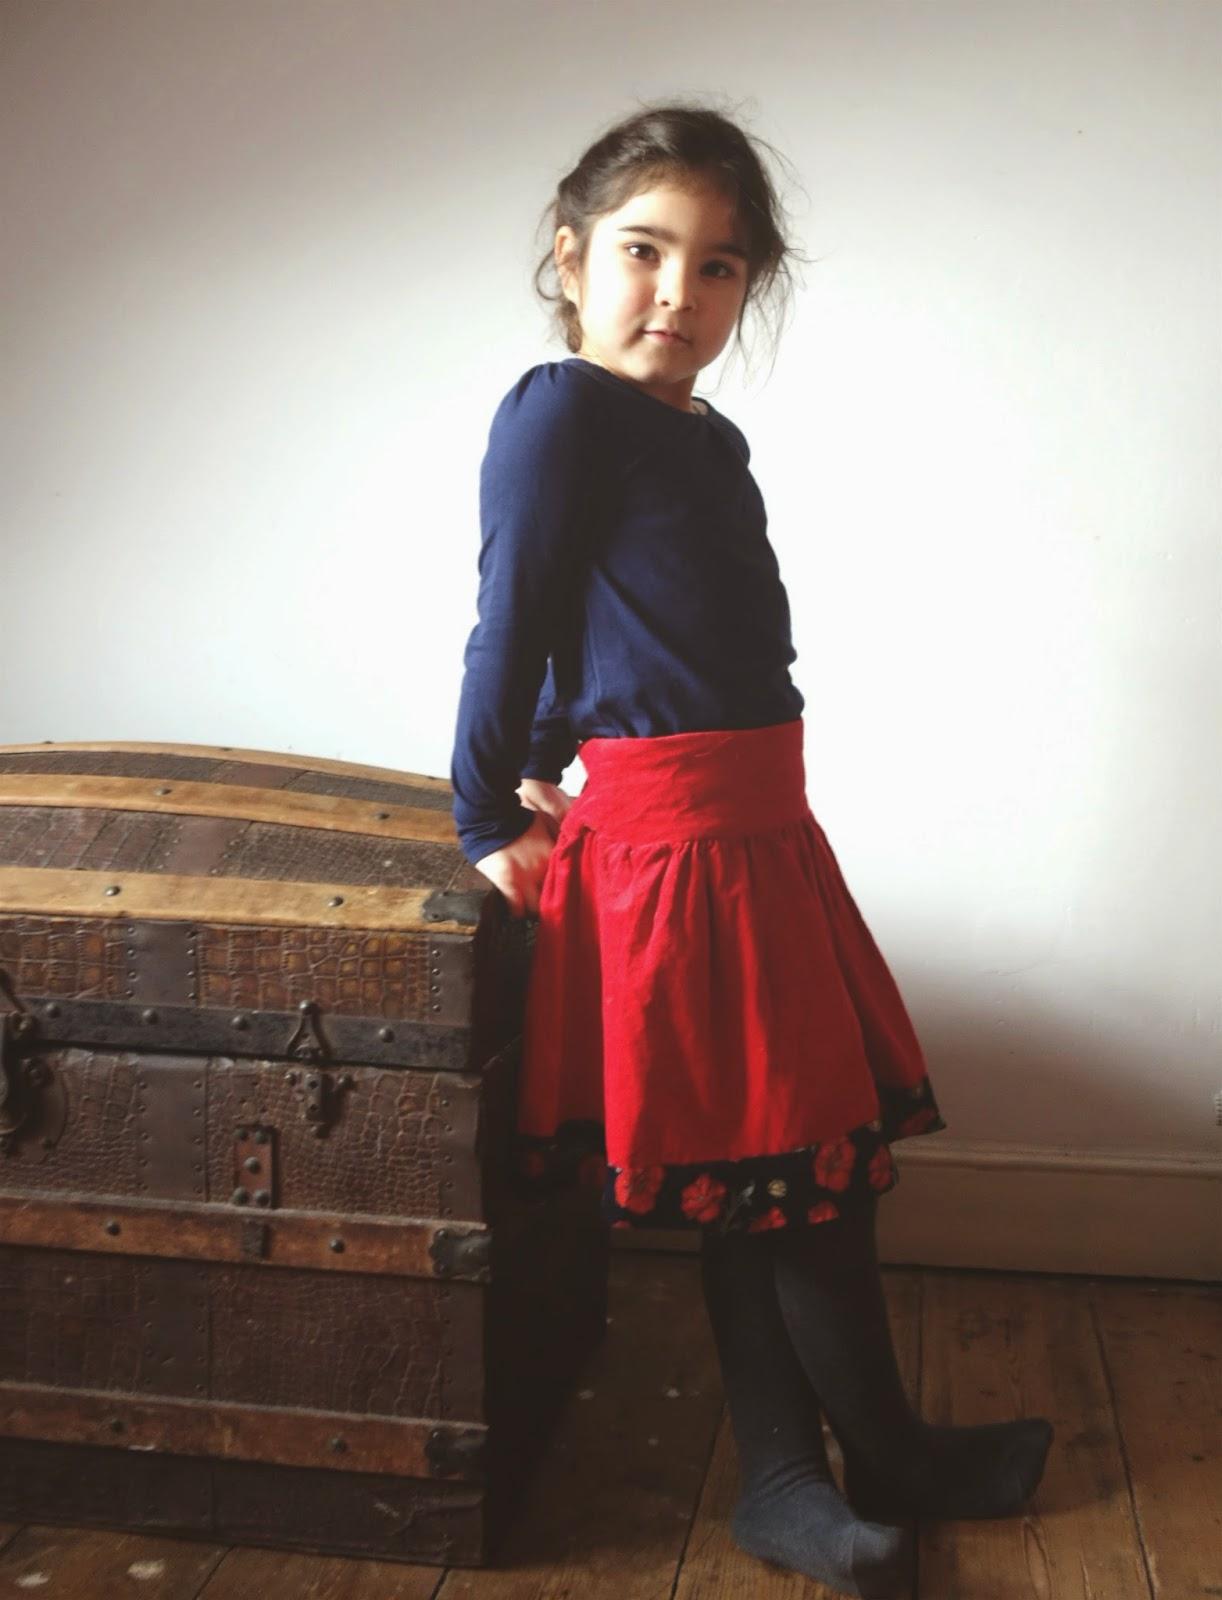 Red skirt akiko mano